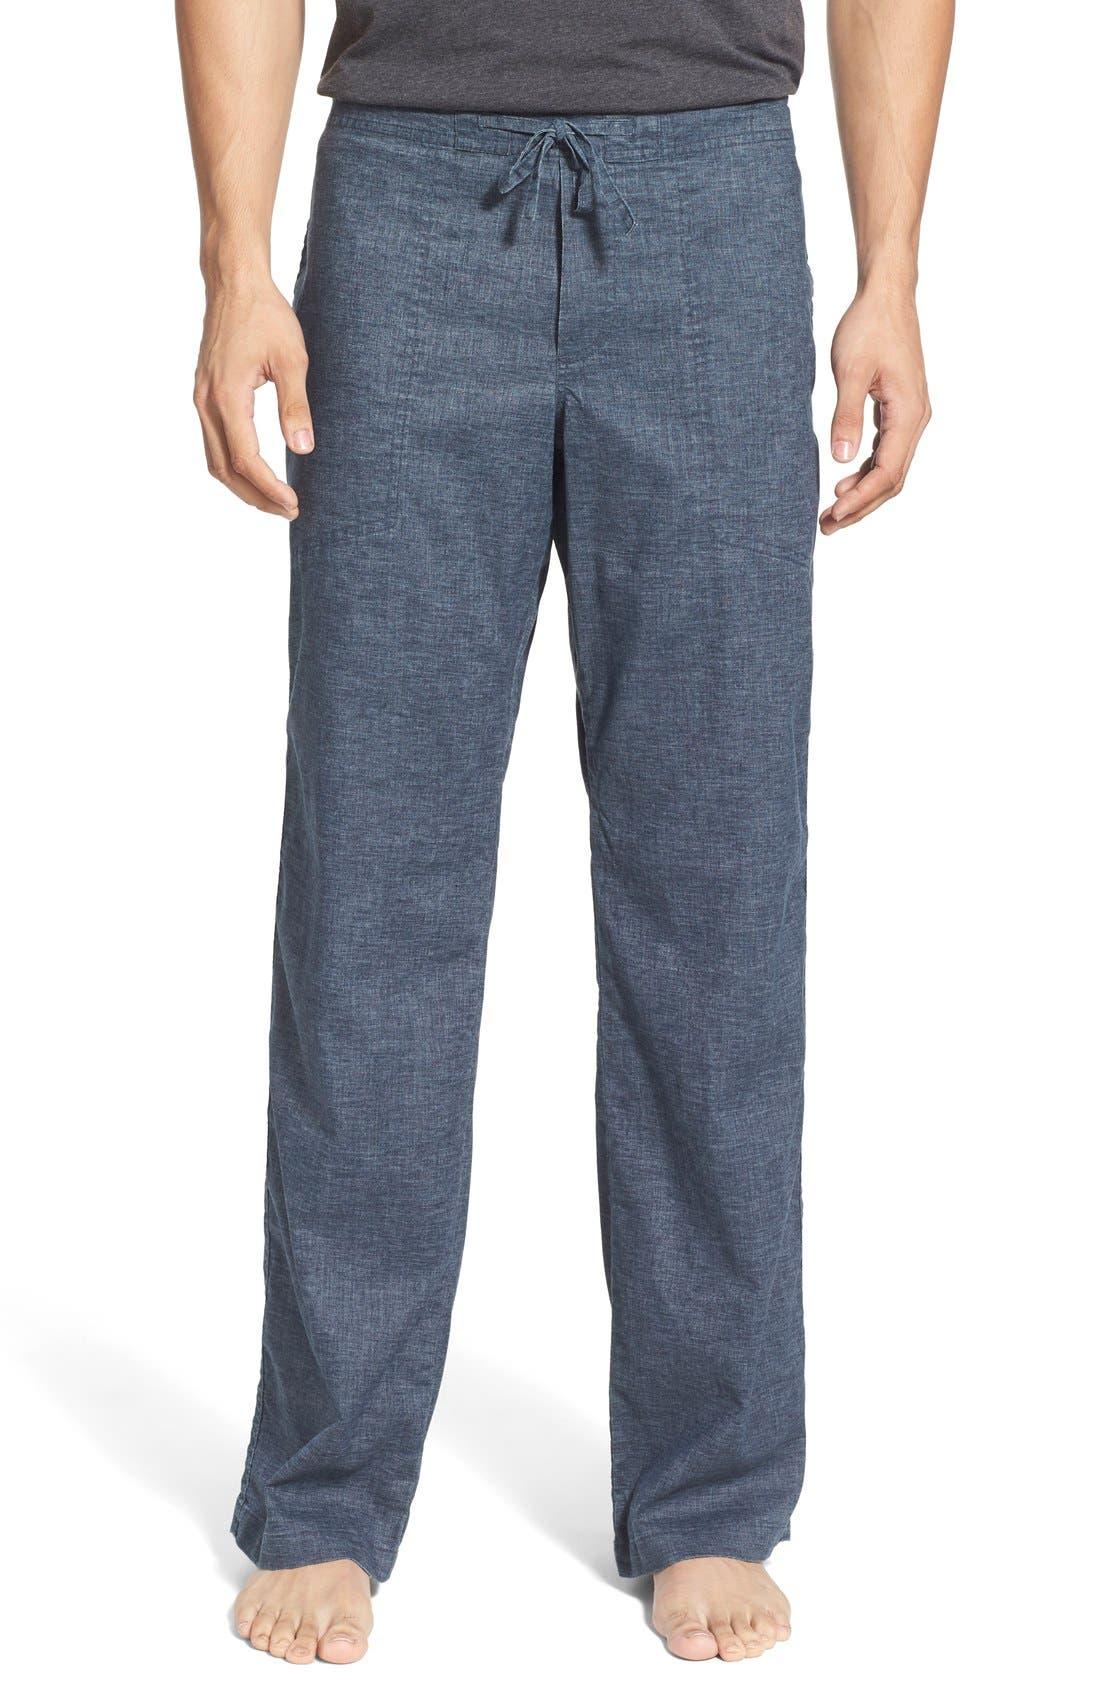 Main Image - prAna 'Sutra' Ralaxed Fit Drawstring Pants